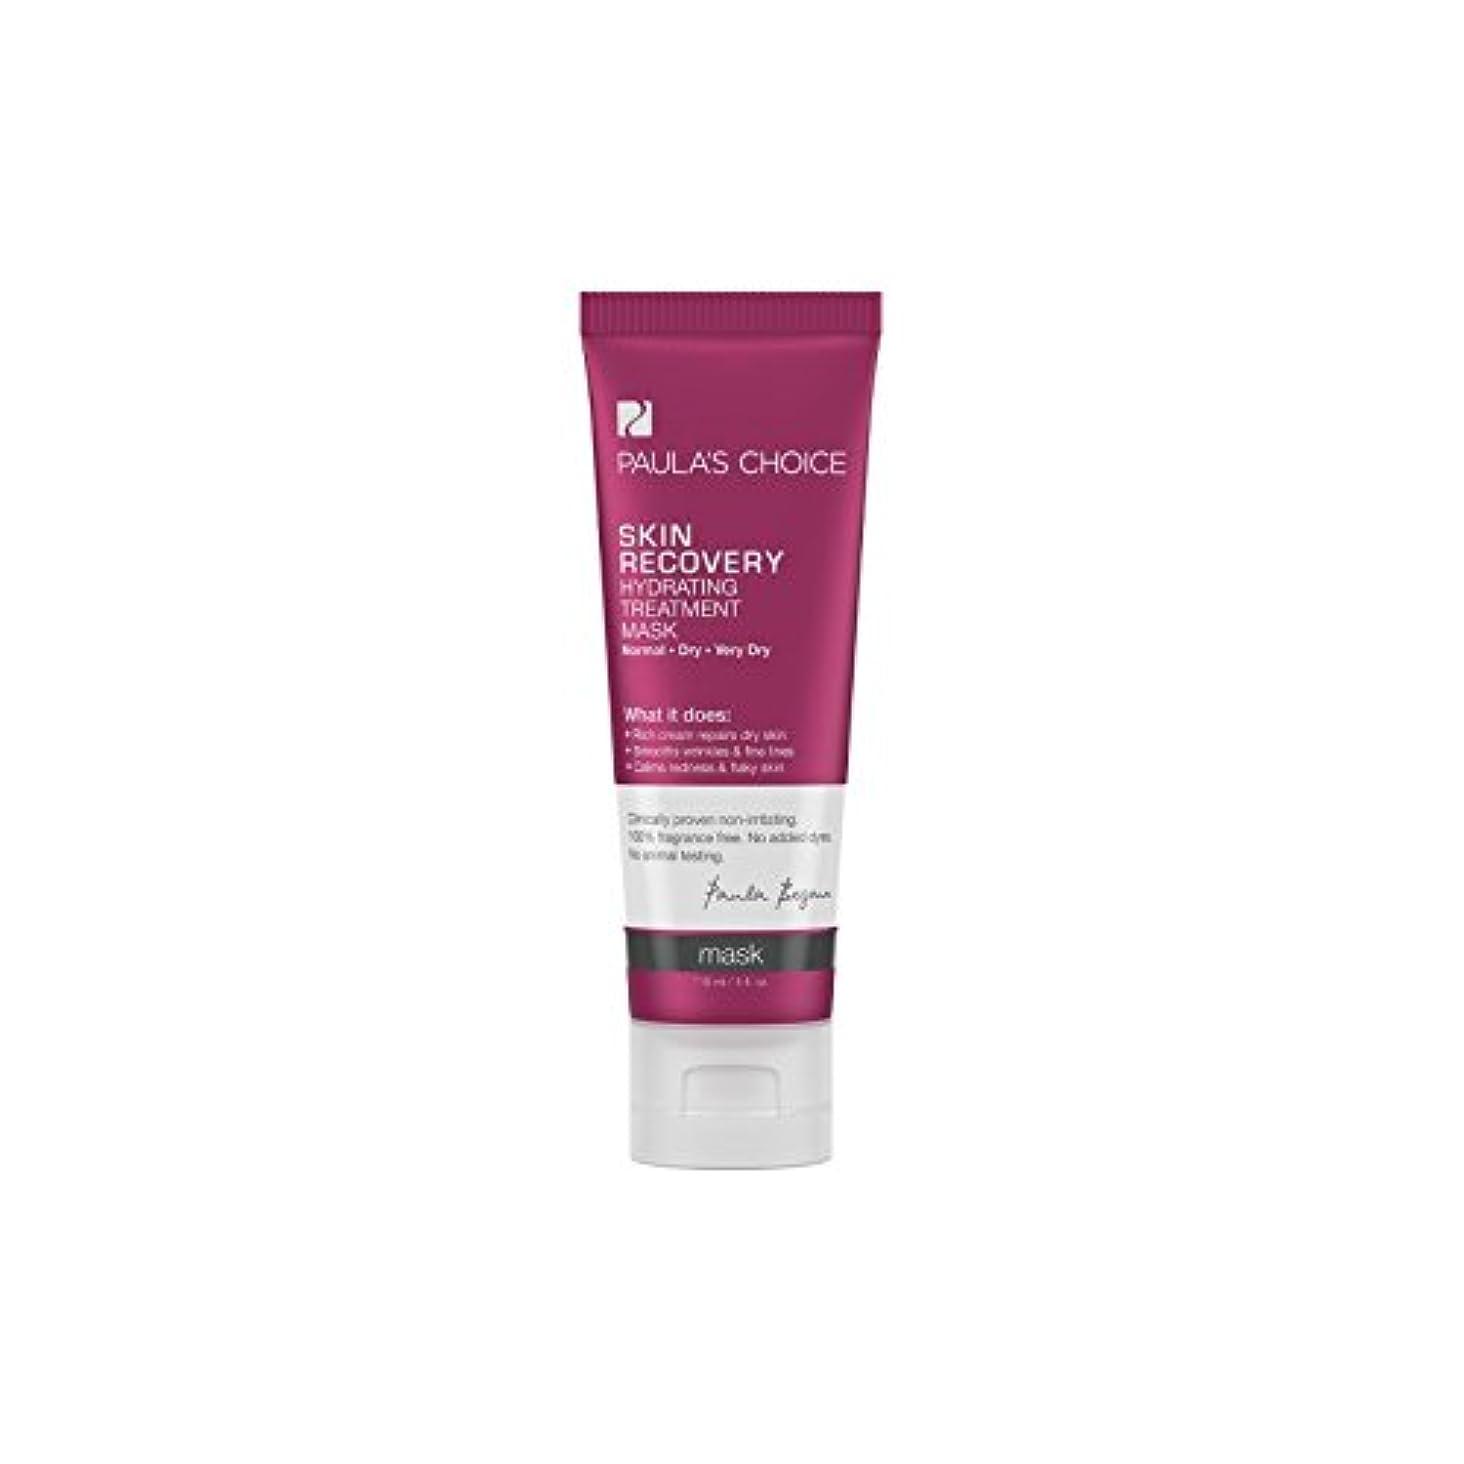 寛大さ迷惑批判的ポーラチョイスの肌の回復水和処理マスク(118ミリリットル) x2 - Paula's Choice Skin Recovery Hydrating Treatment Mask (118ml) (Pack of 2) [並行輸入品]